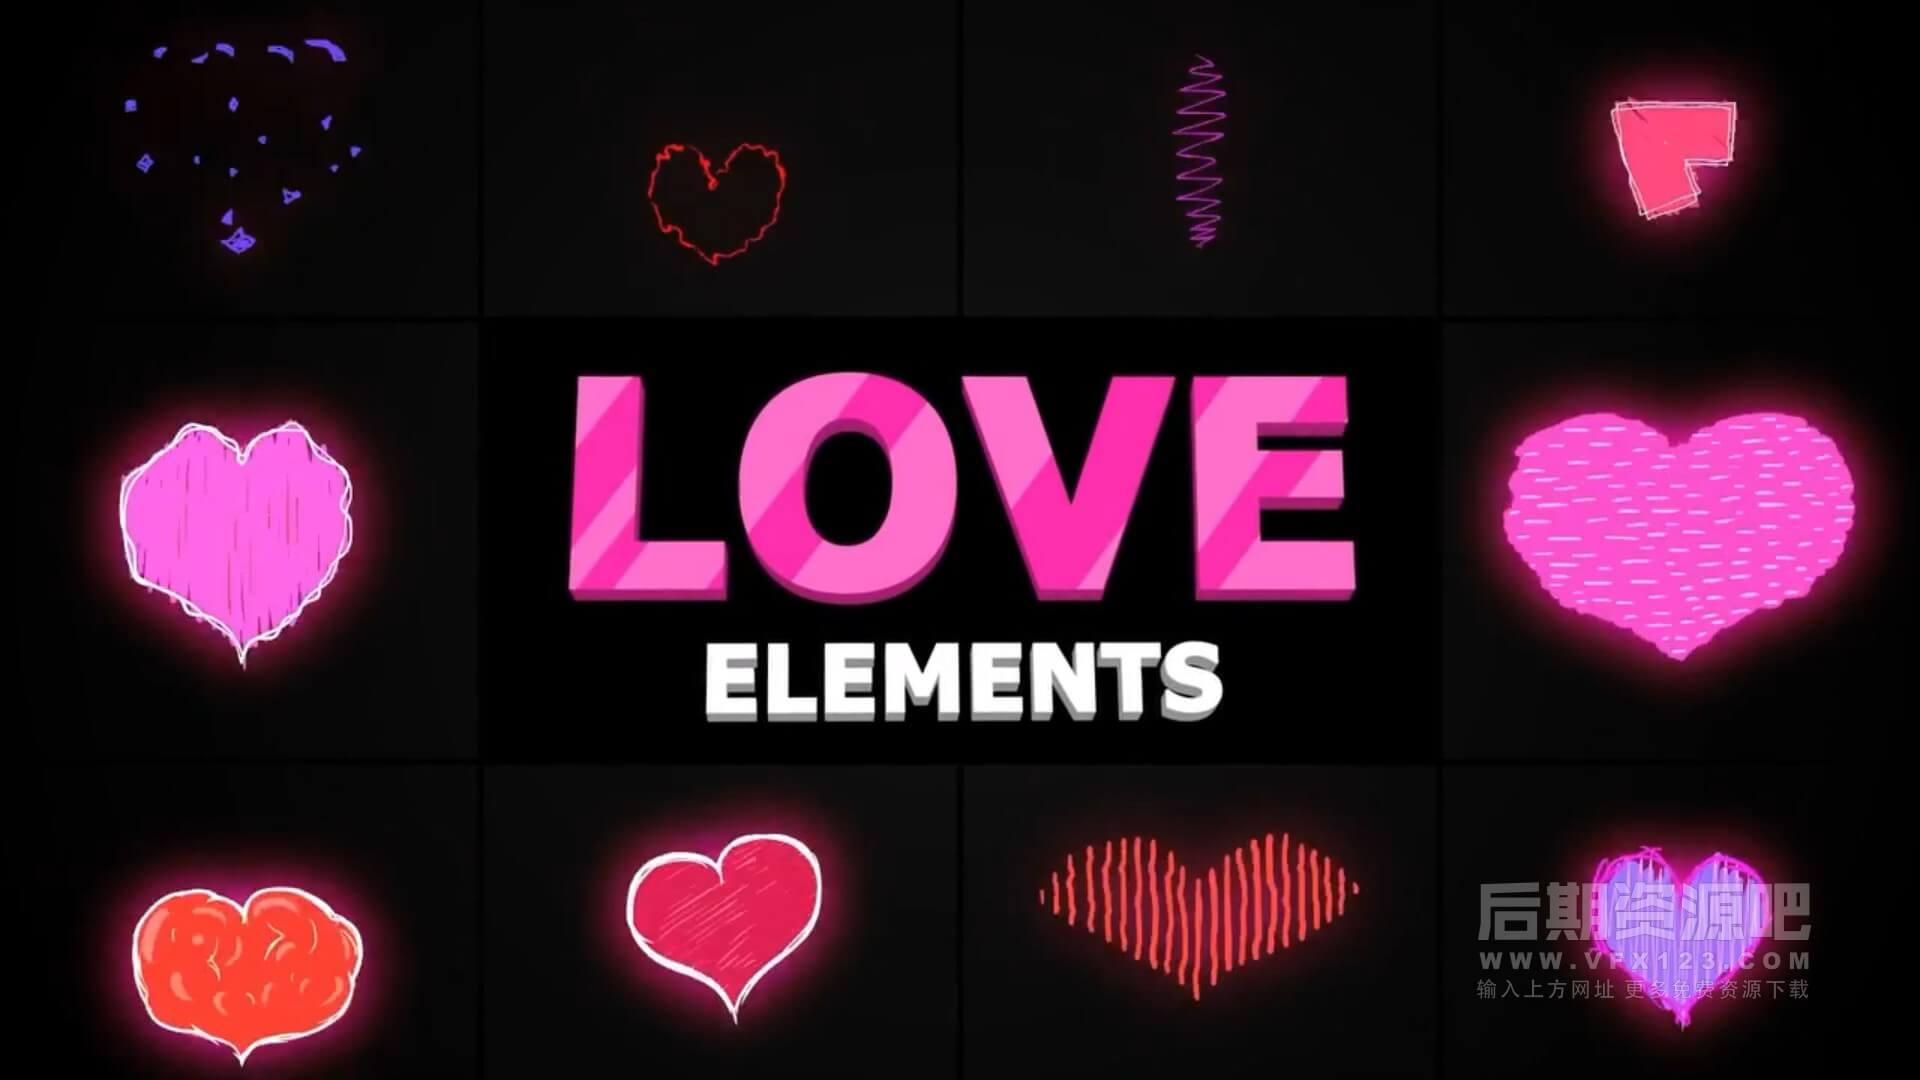 fcpx插件 10组可爱卡通爱心桃心动画素材 Cartoon Love Elements